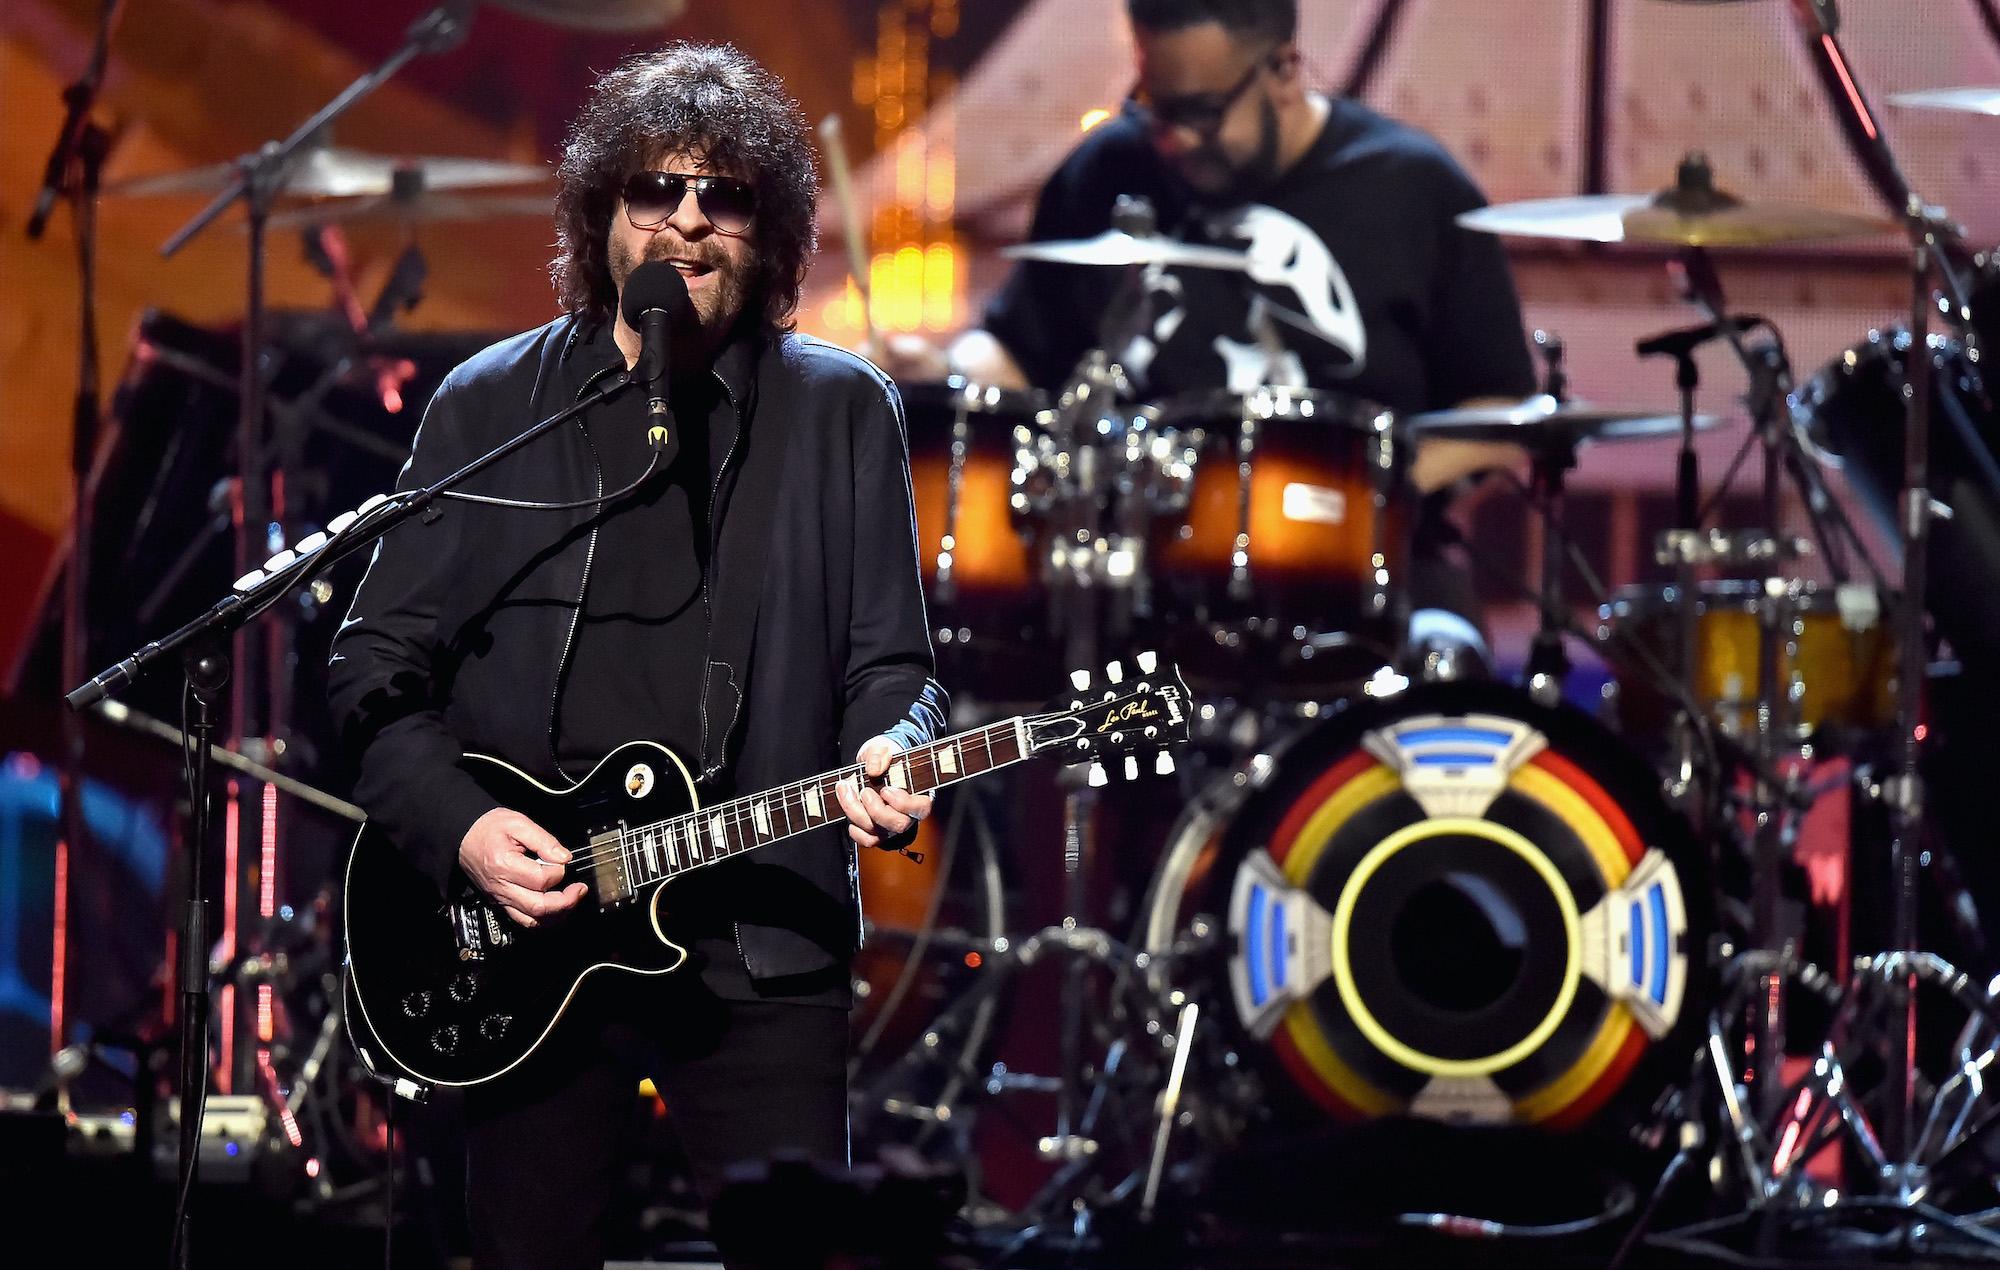 Jeff Lynne's ELO announce 2020 tour dates